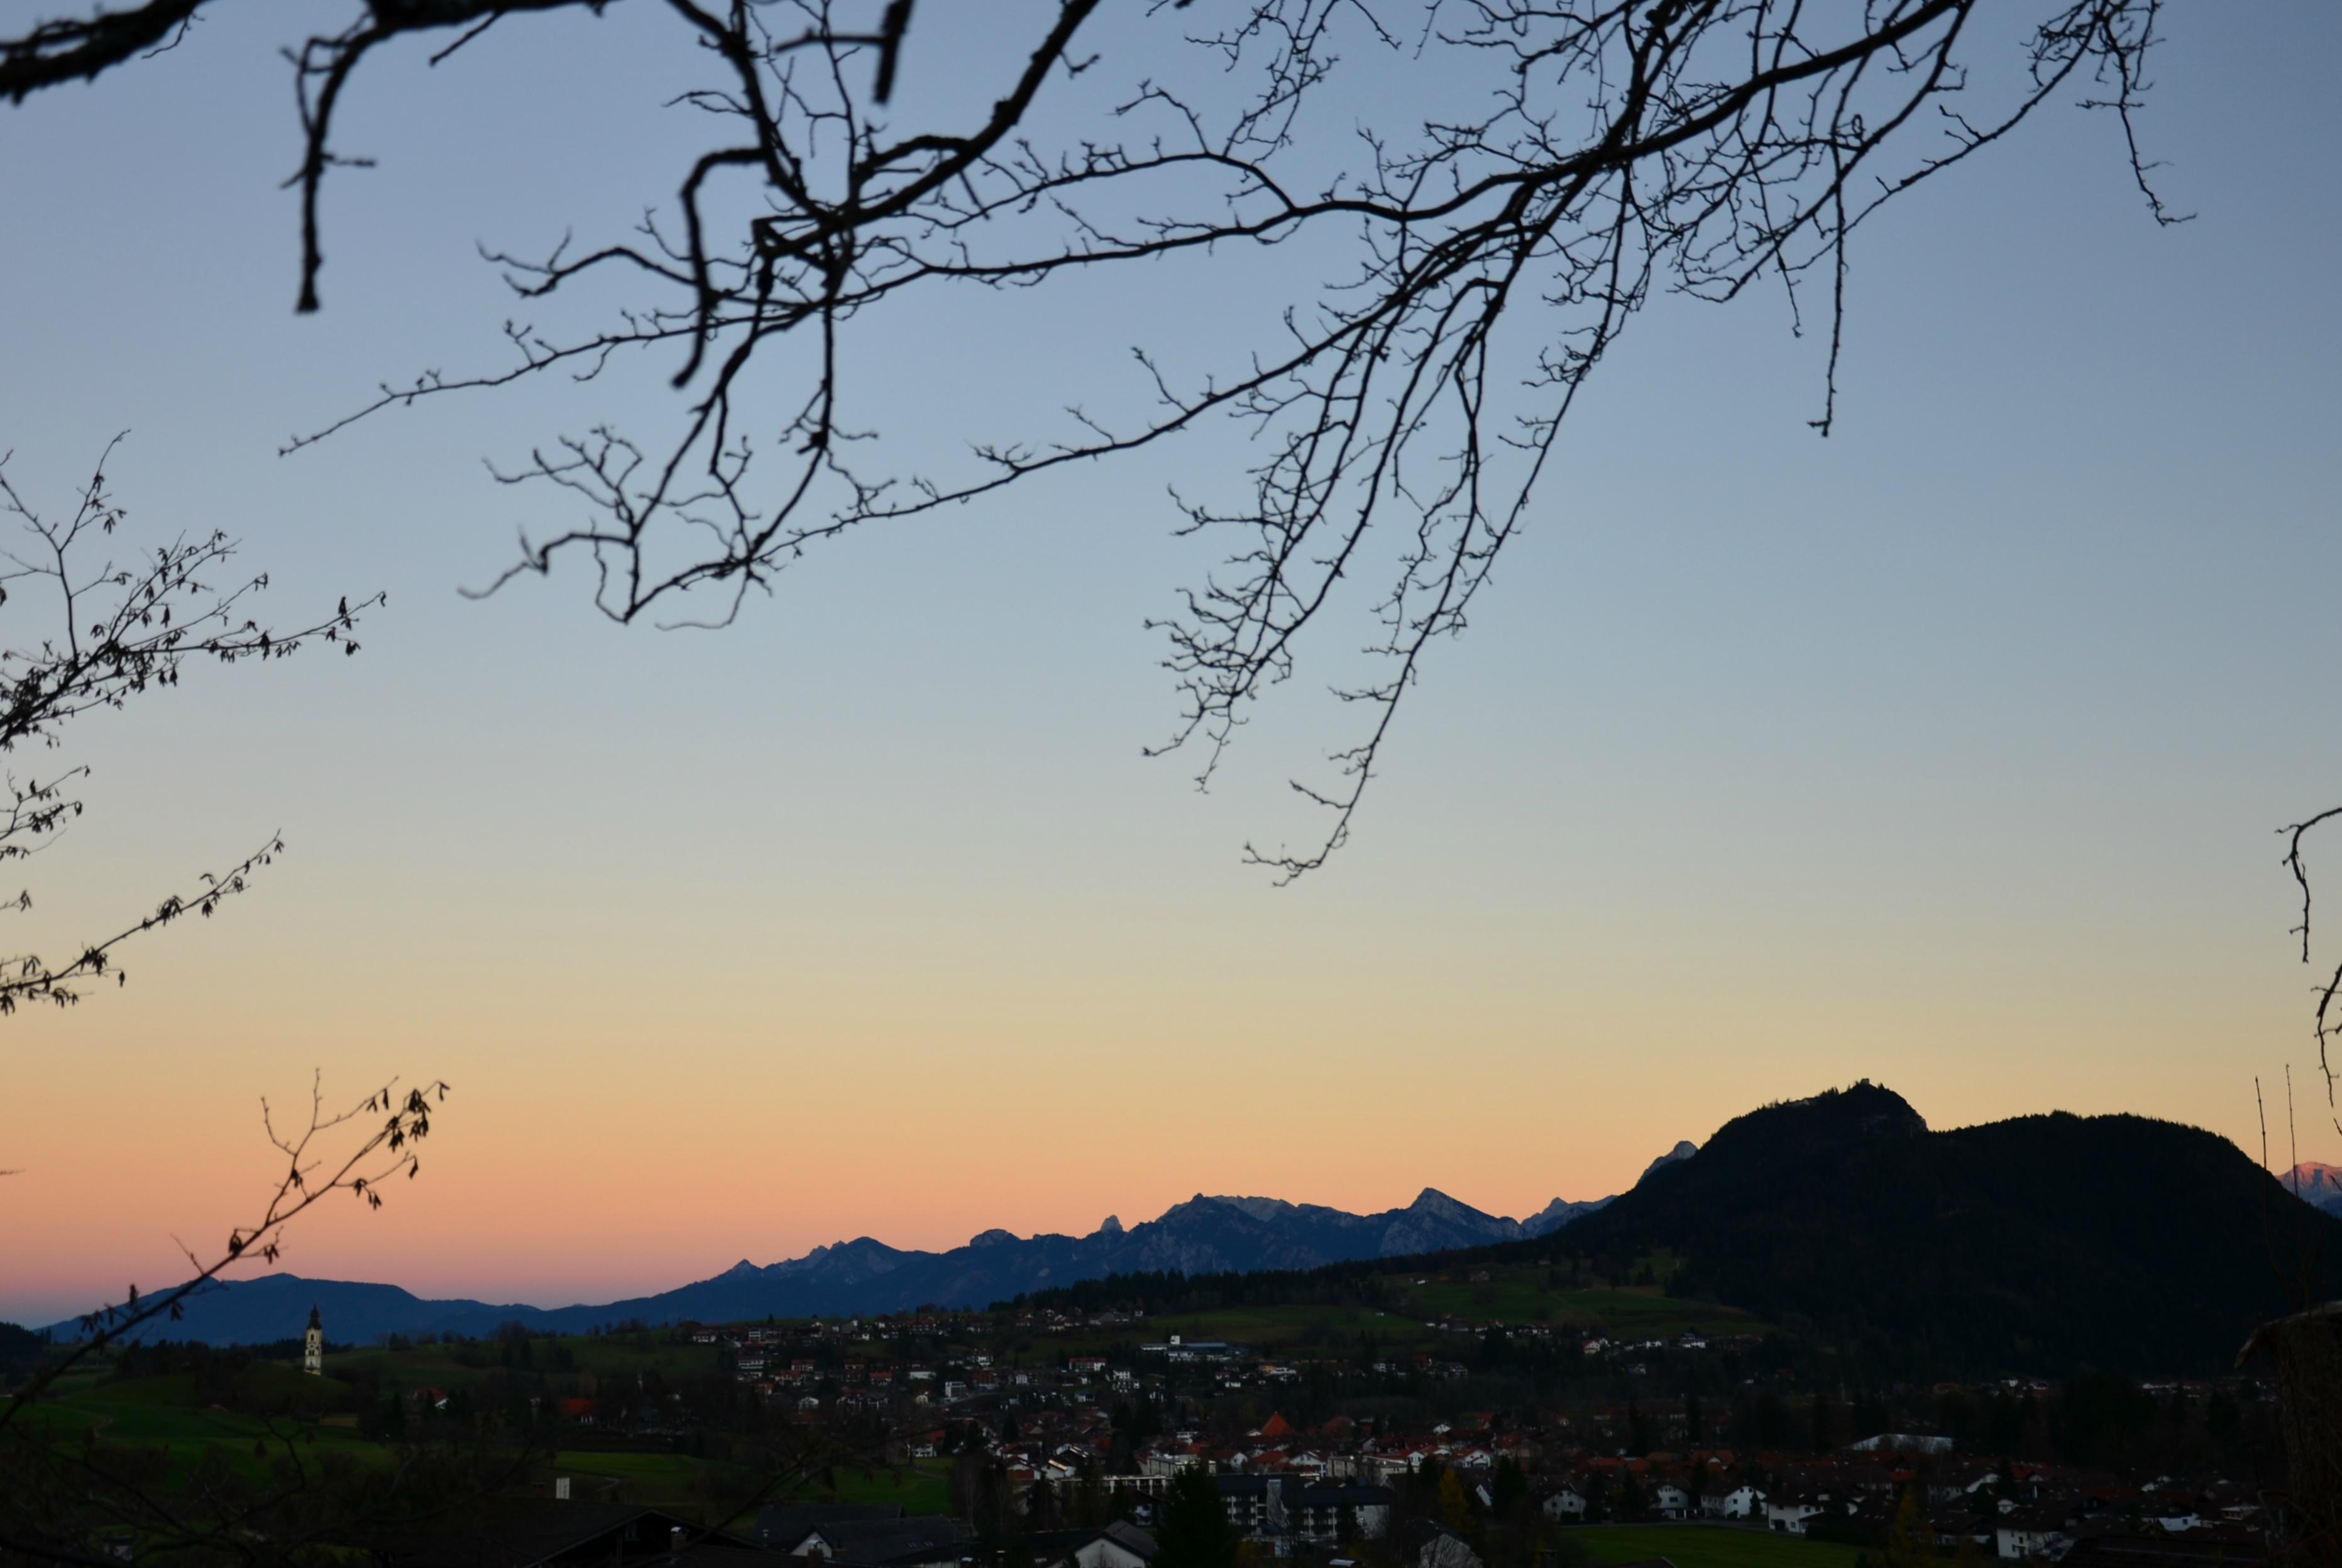 H0099_Abenddämmerung_überm_Pfrontner_Tal.jpg